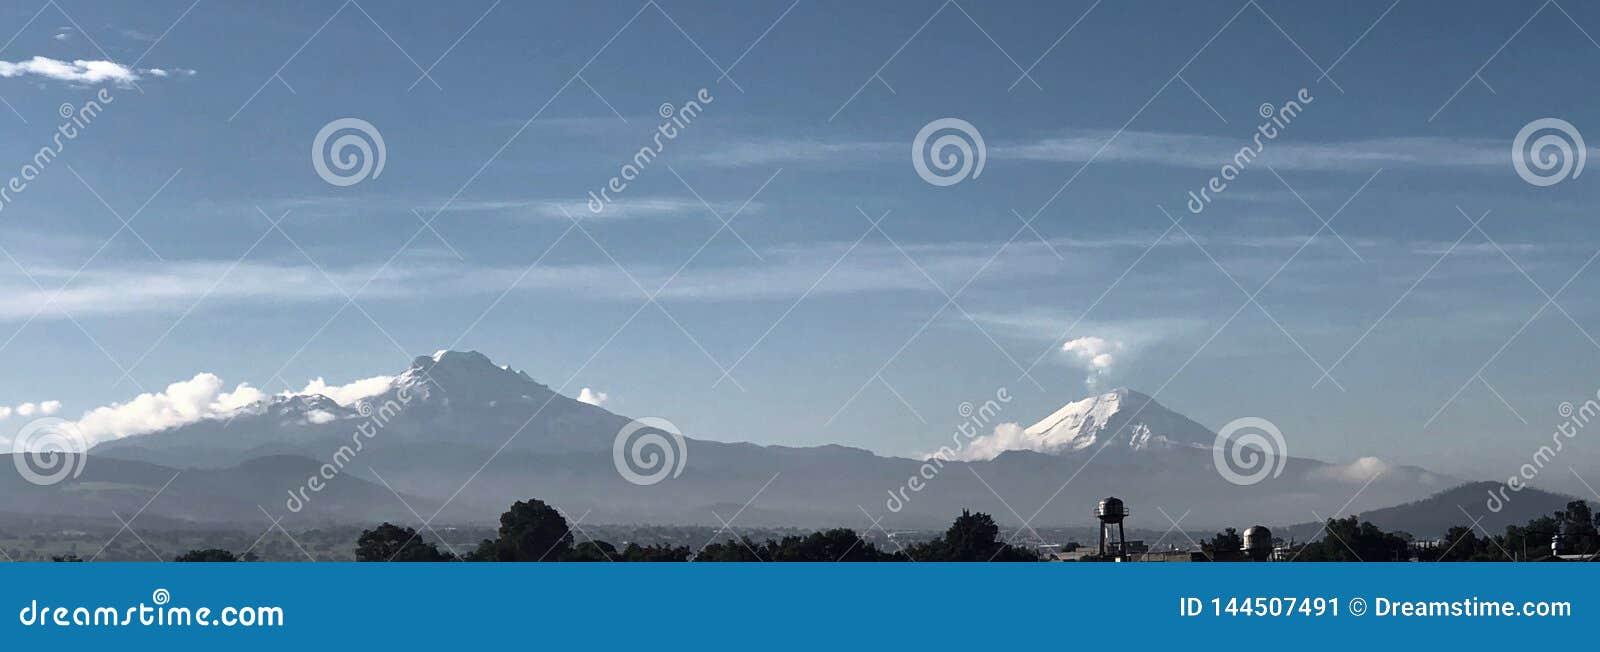 Wulkany przeglądają od Meksyk